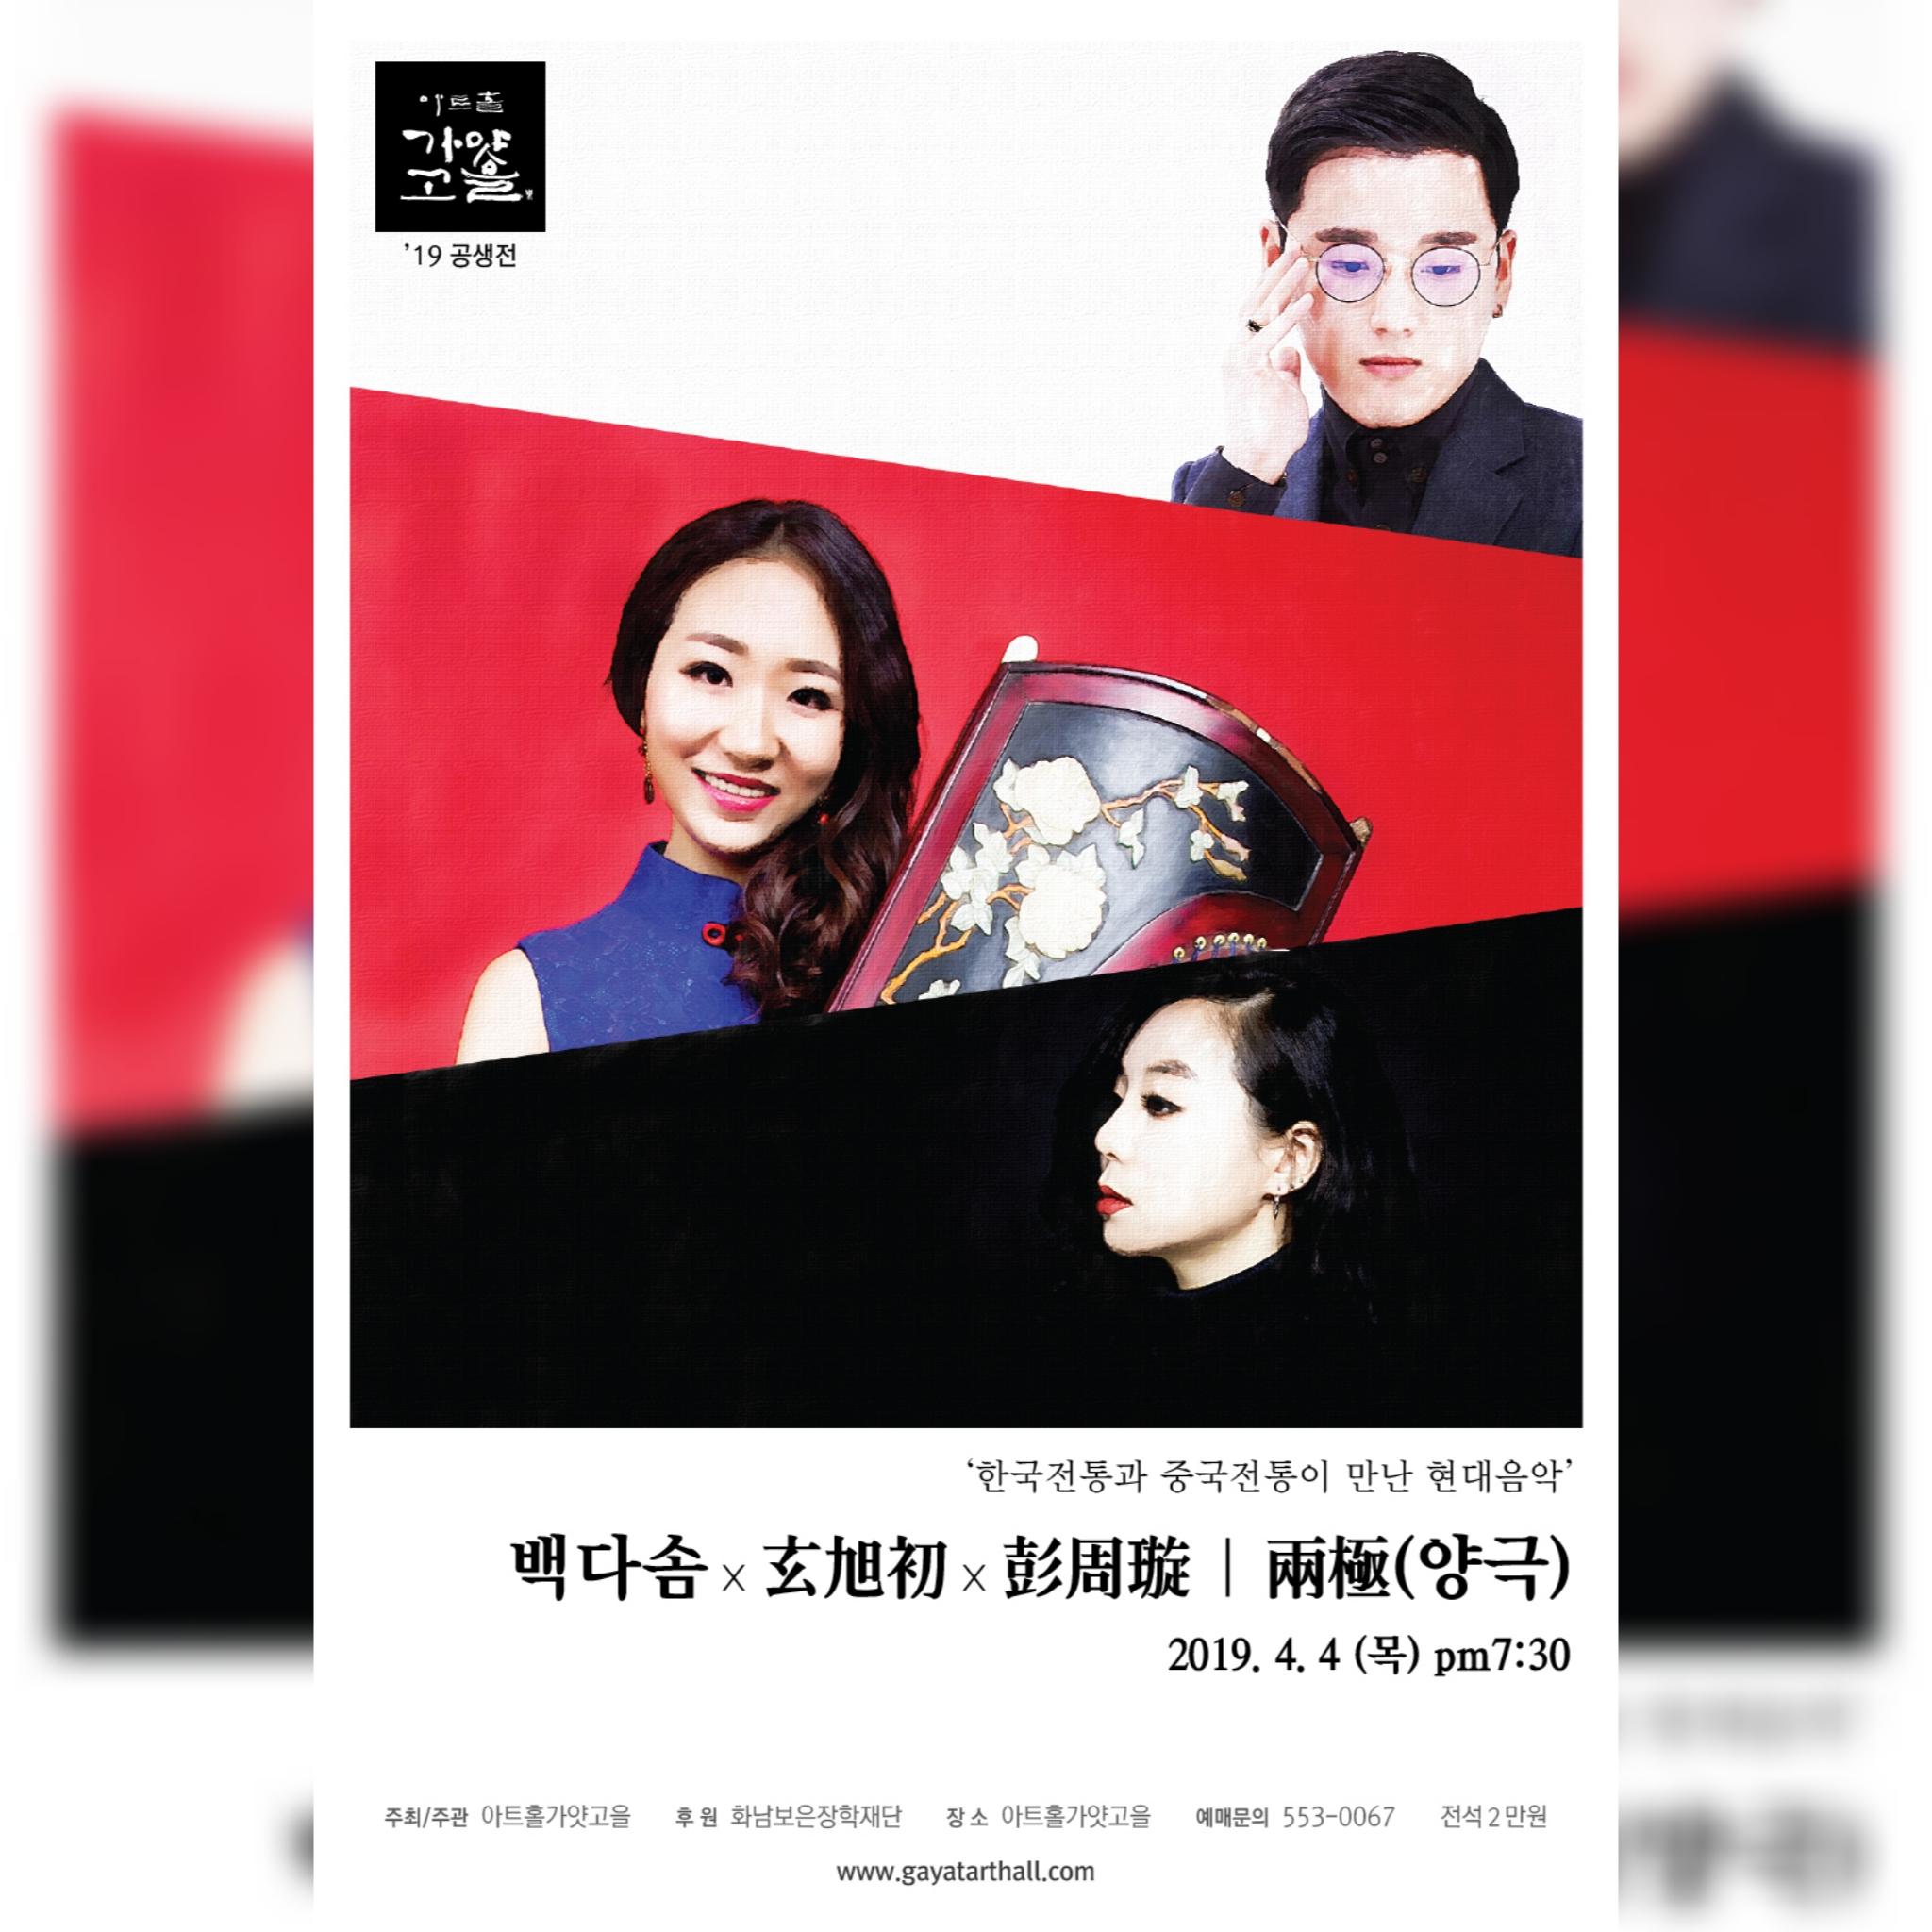 2019 아트홀가얏고을 기획공연 공생전 - 백다솜 玄旭初 彭周璇 '兩極(양극)'